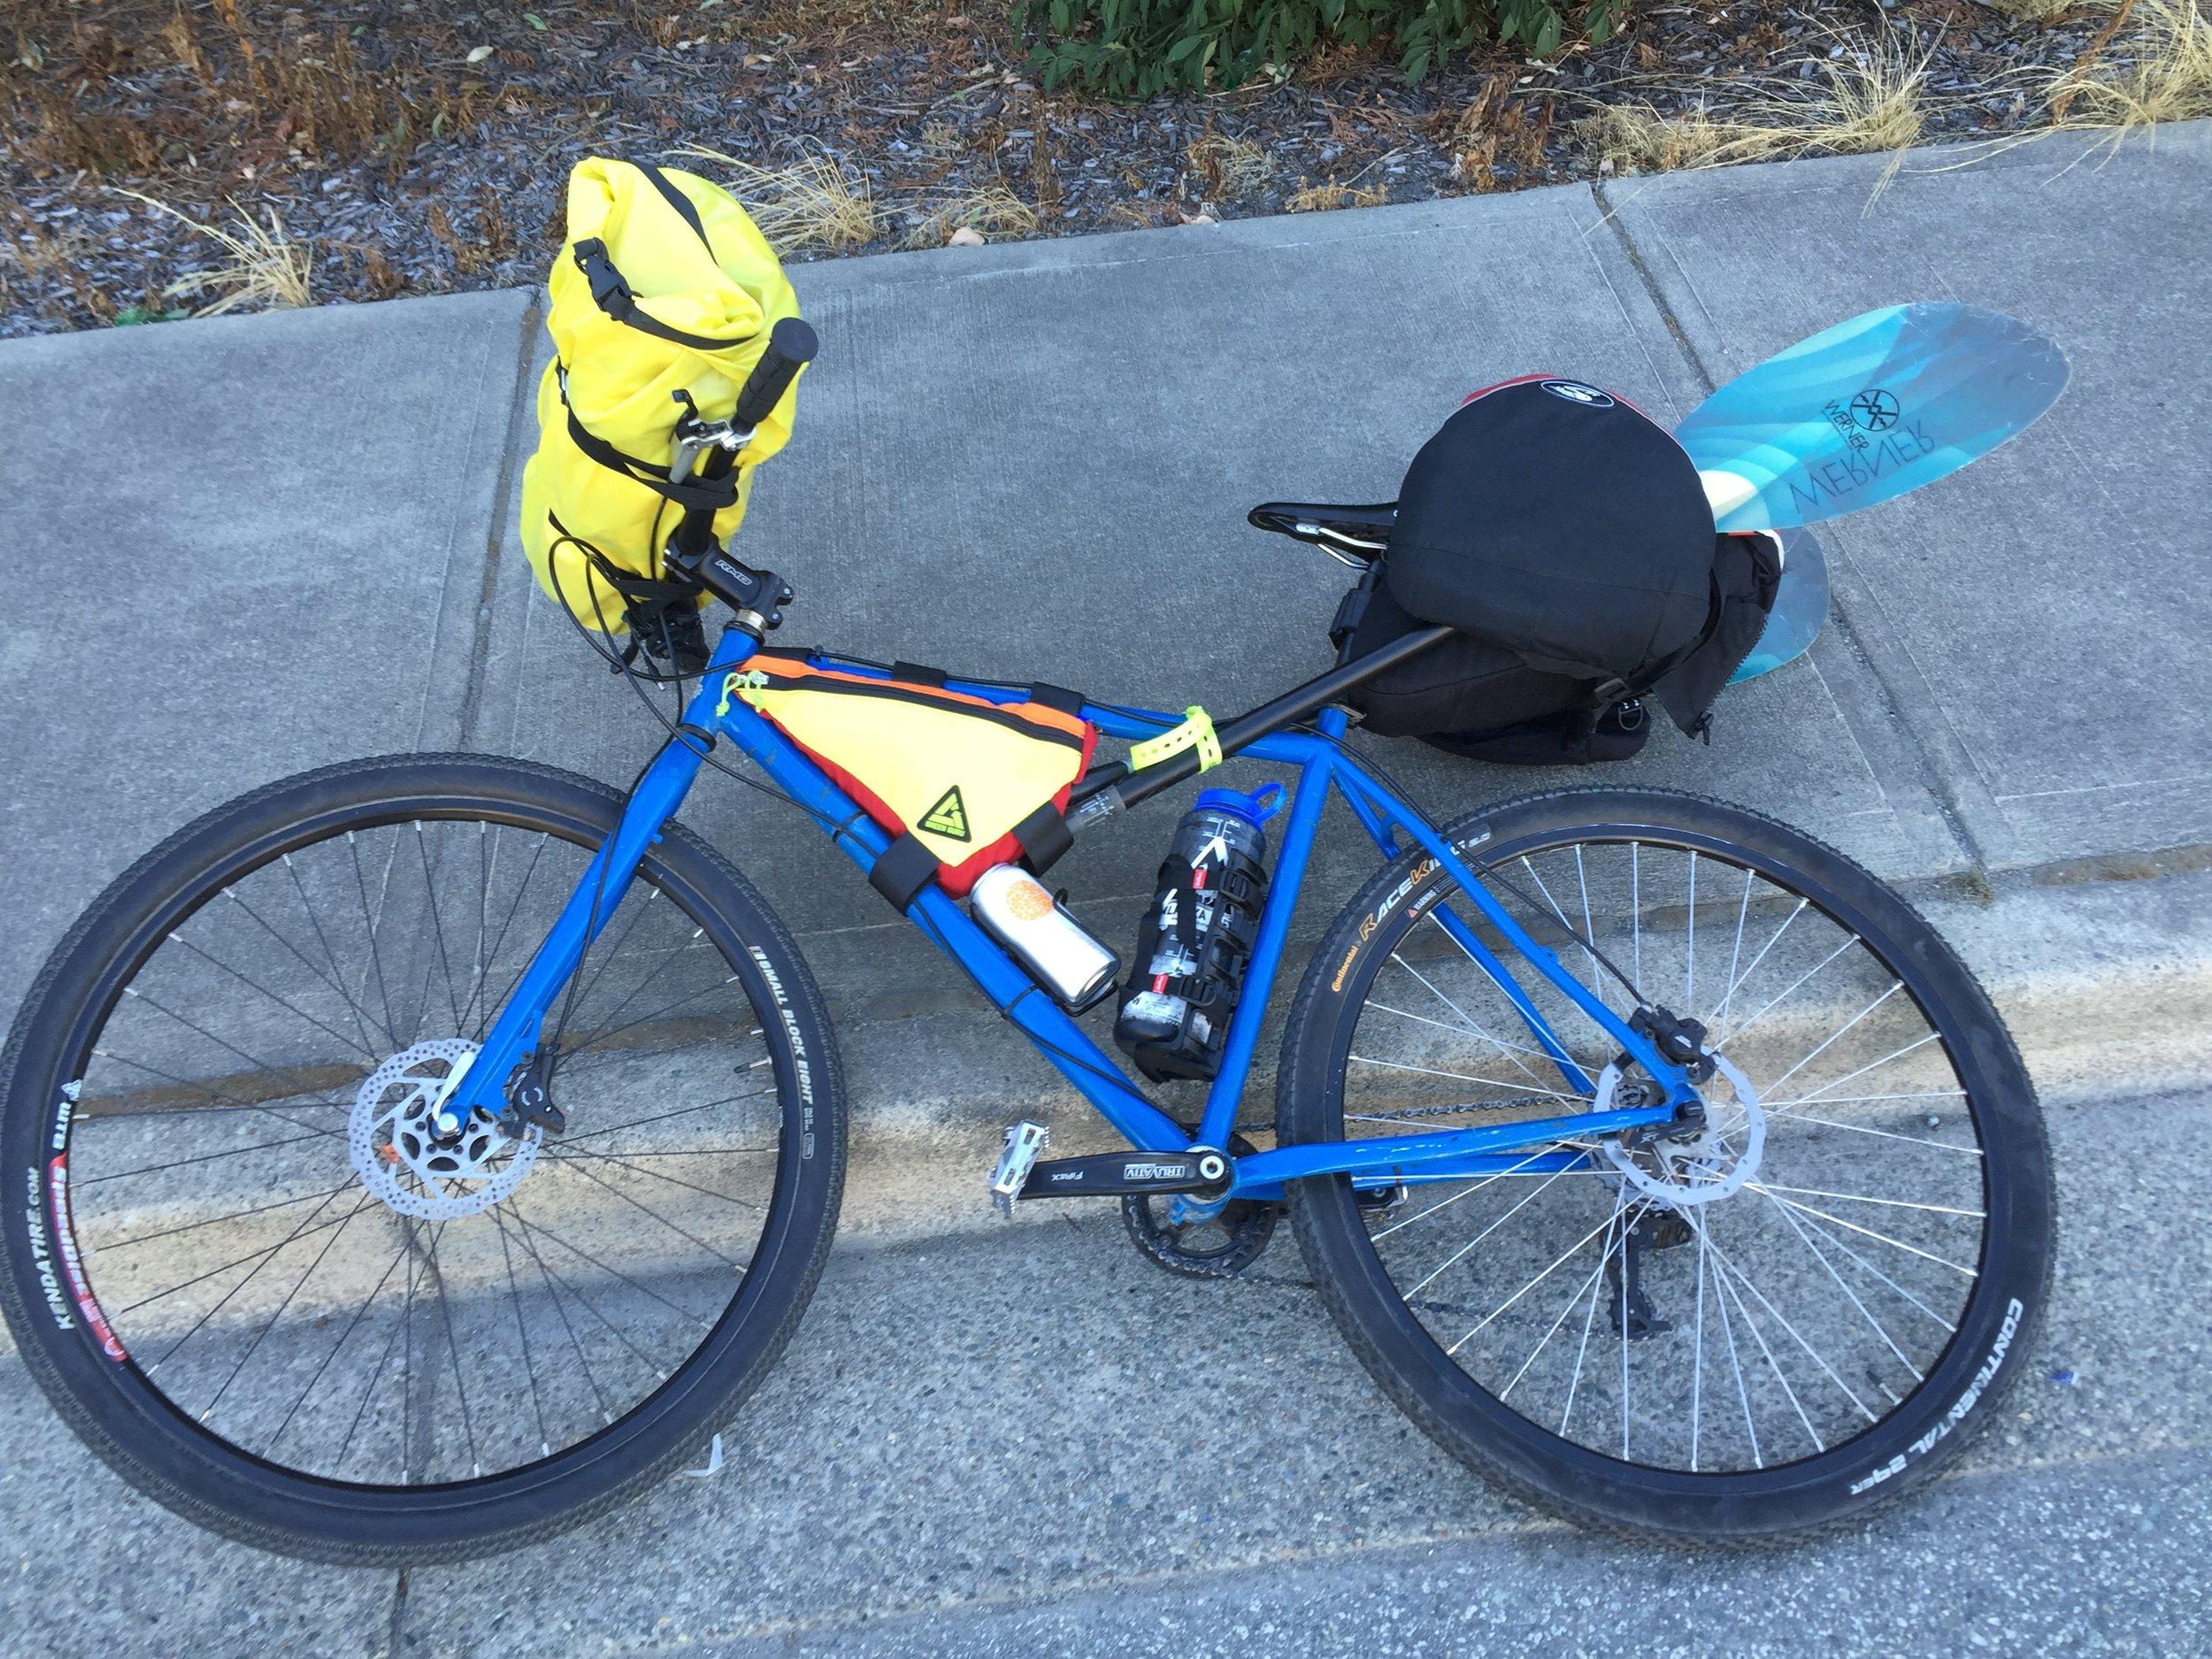 All-terrain bike set-up.